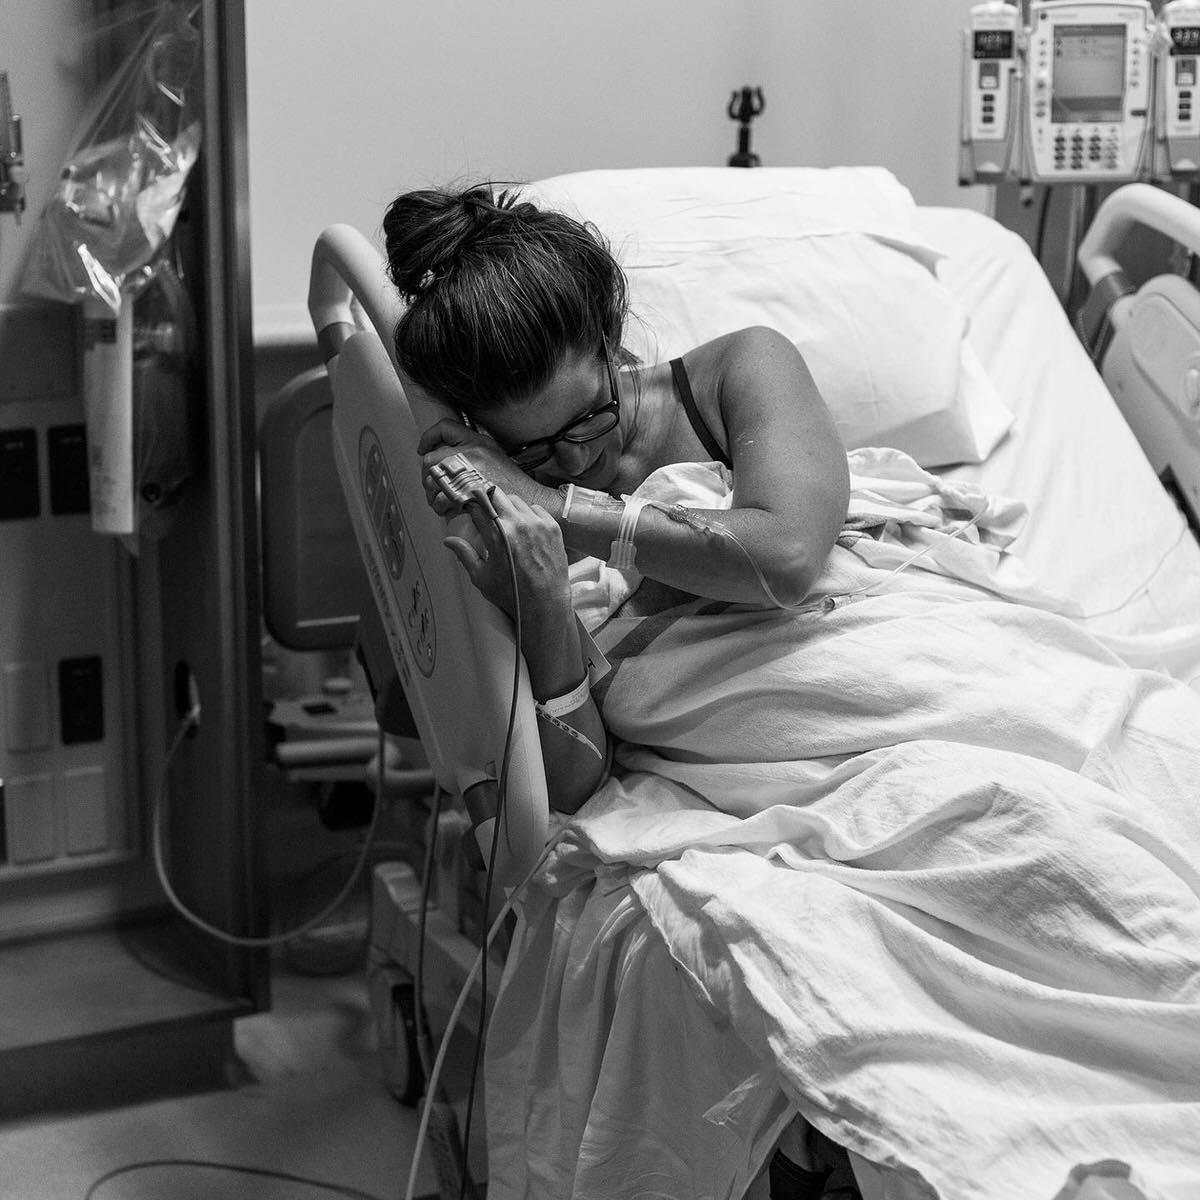 La potente foto e il messaggio di un fotografo per una mamma dopo la nascita del suo bambino